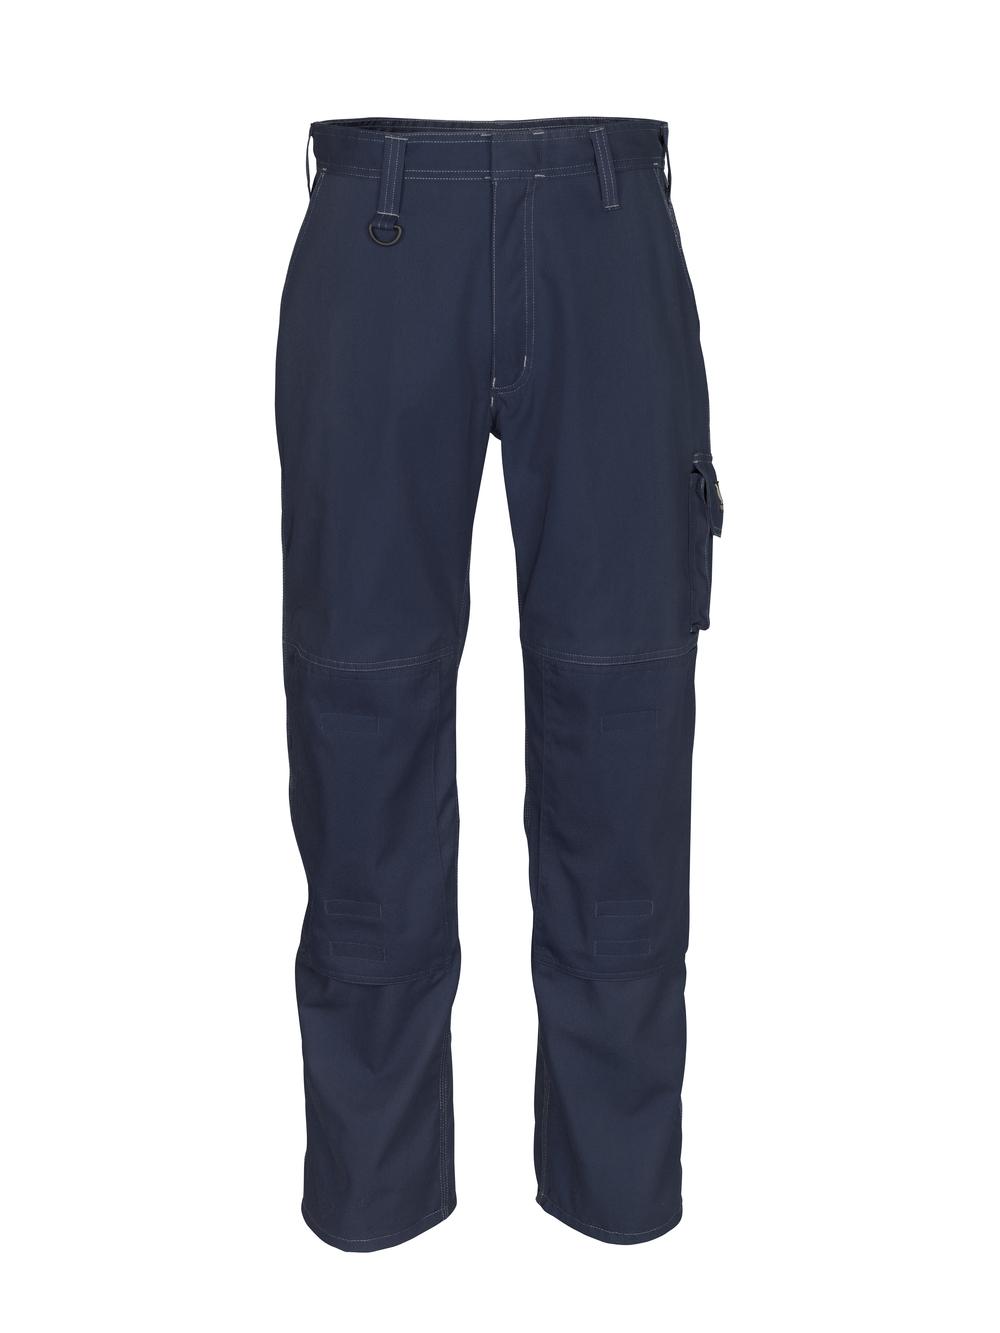 12355-630-010 Pantalones con bolsillos para rodilleras - azul marino oscuro